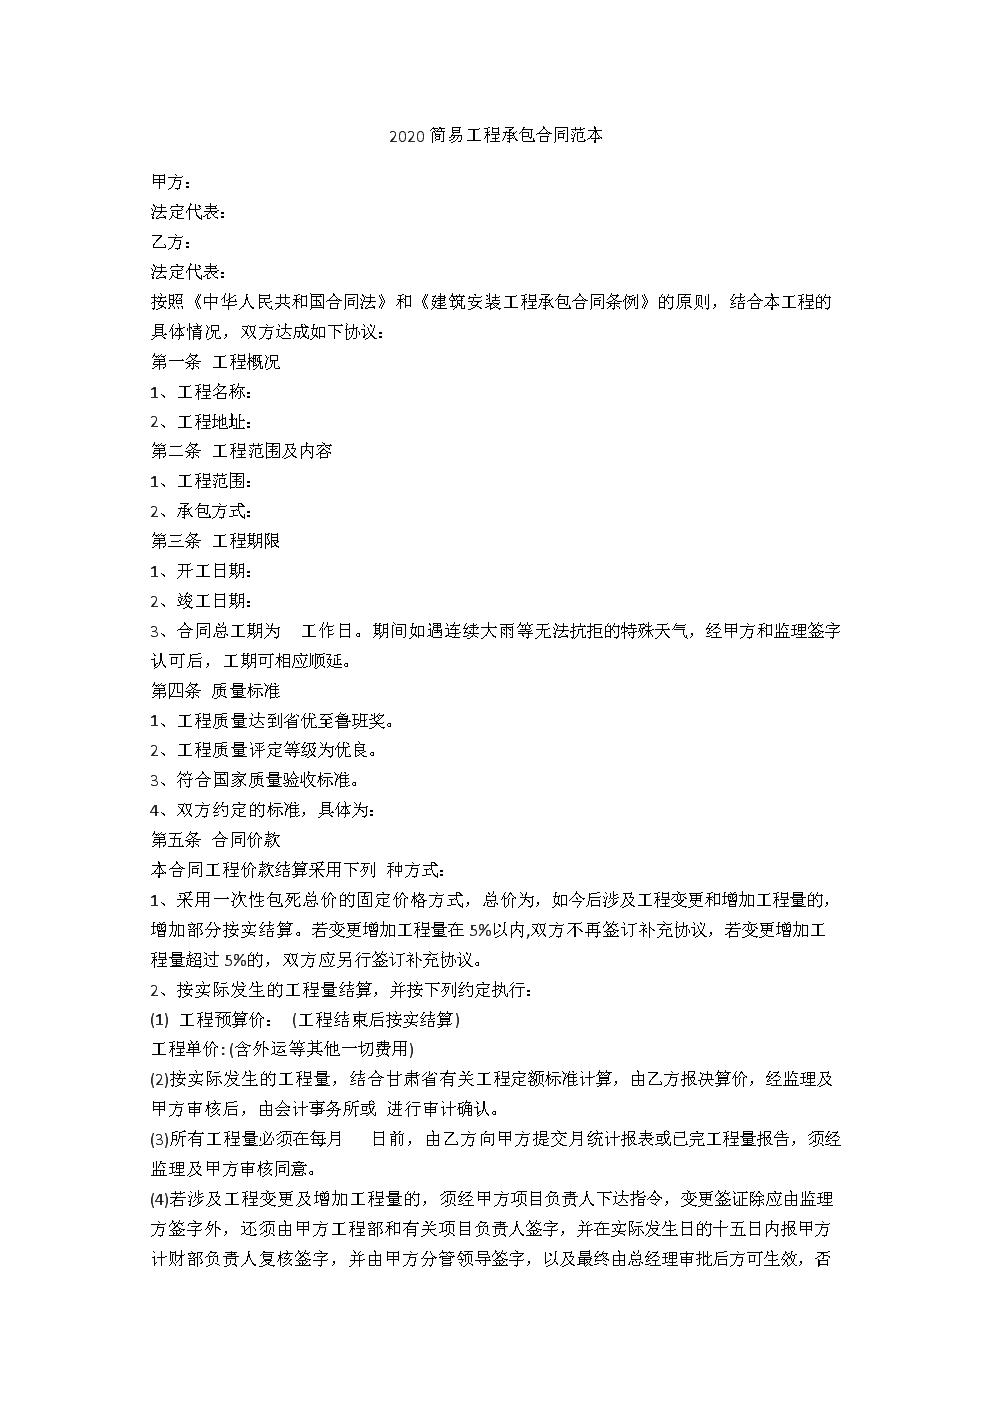 2020简易工程承包合同范本(可编辑).docx